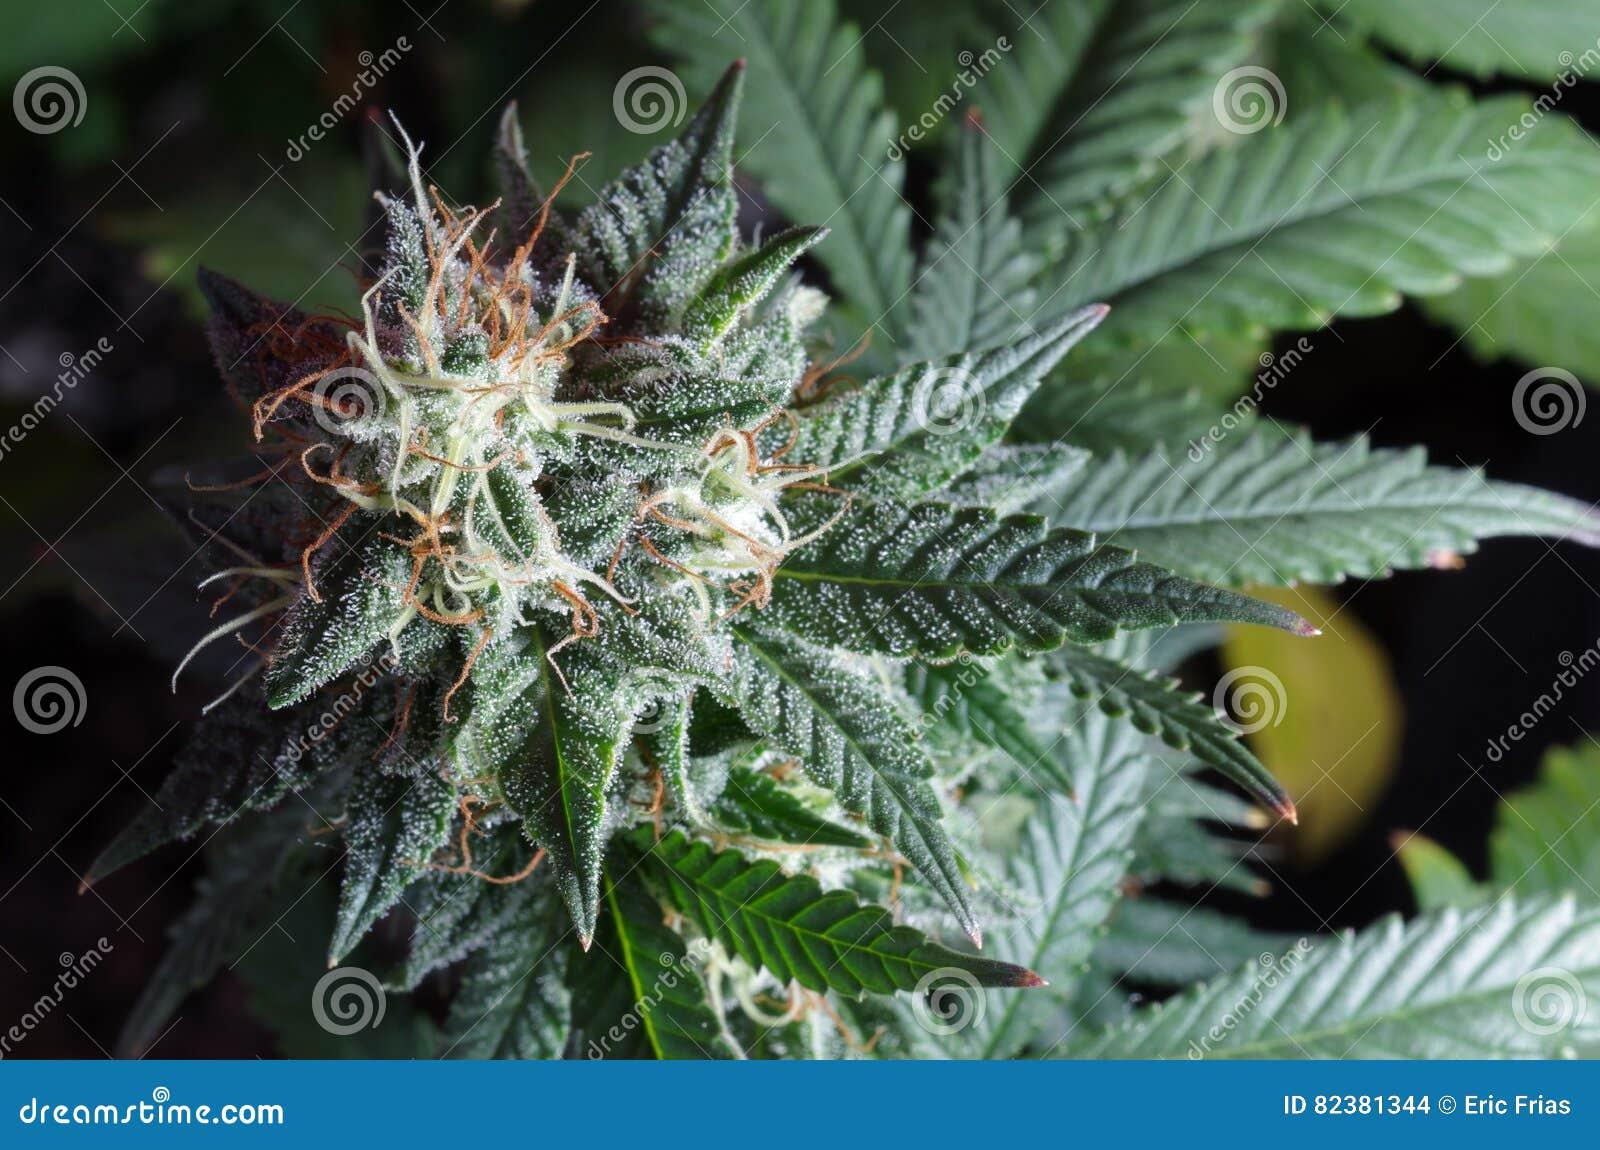 Как цветет конопля за какое количество марихуаны уголовная ответственность